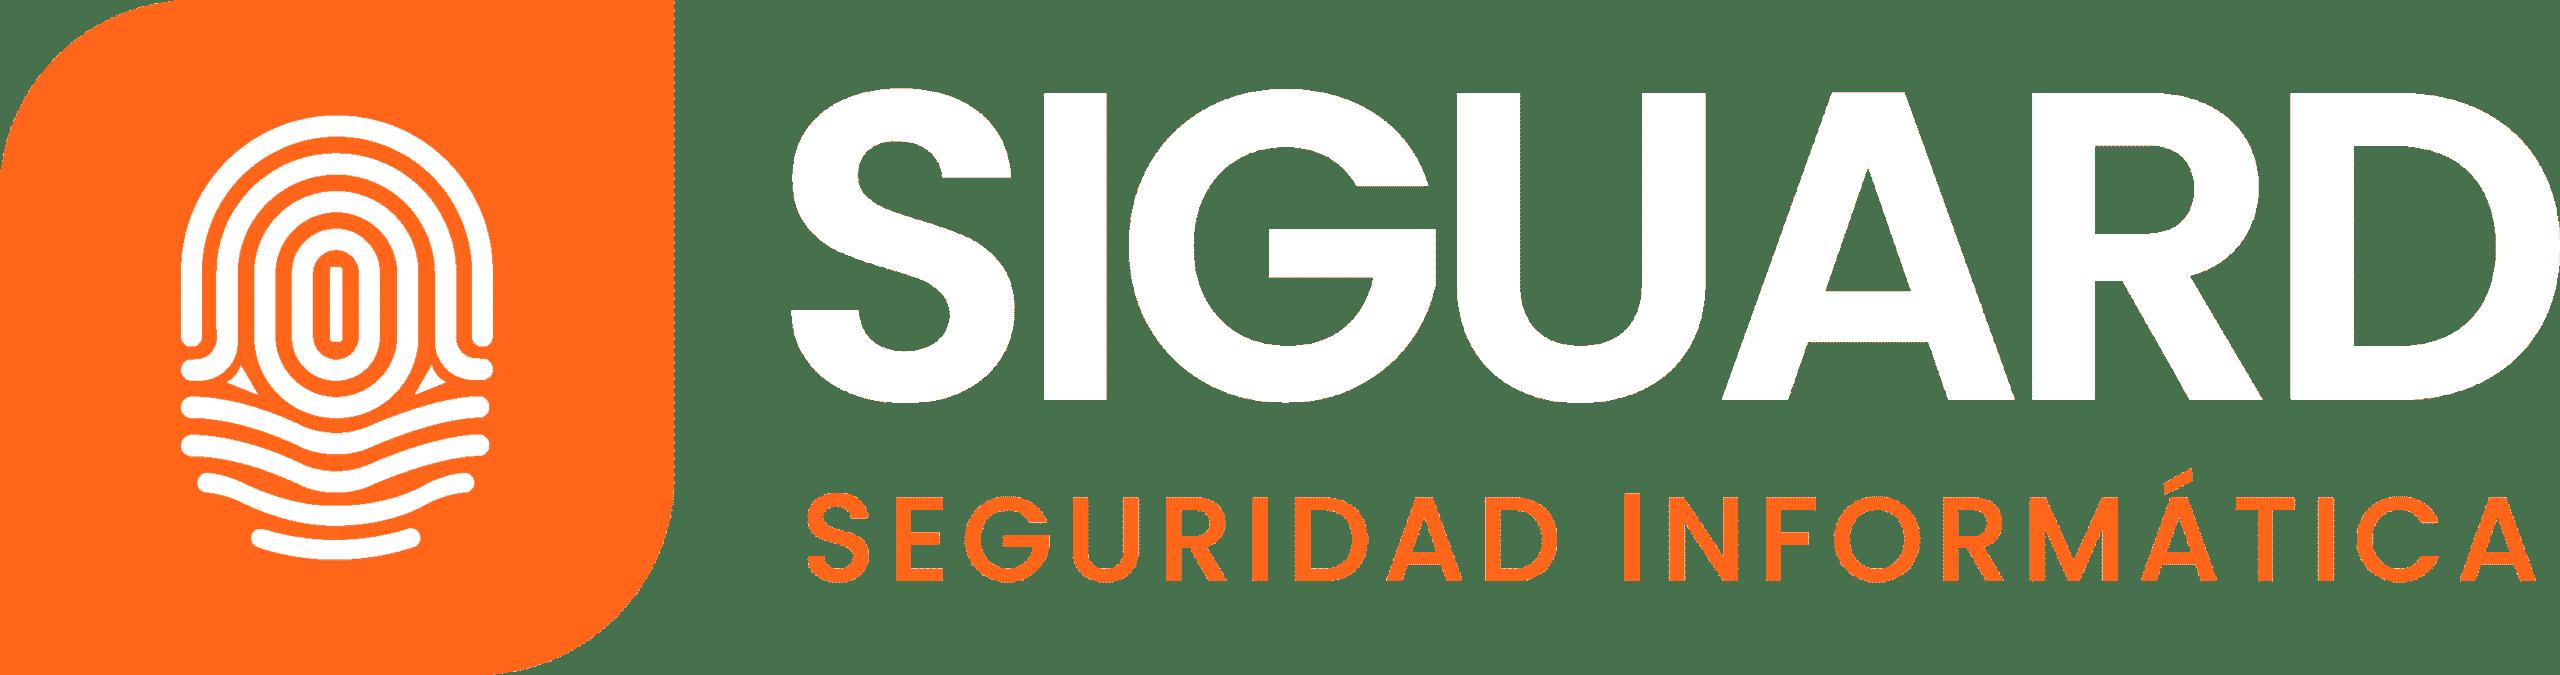 Seguridad Informatica en Colombia SIGUARD